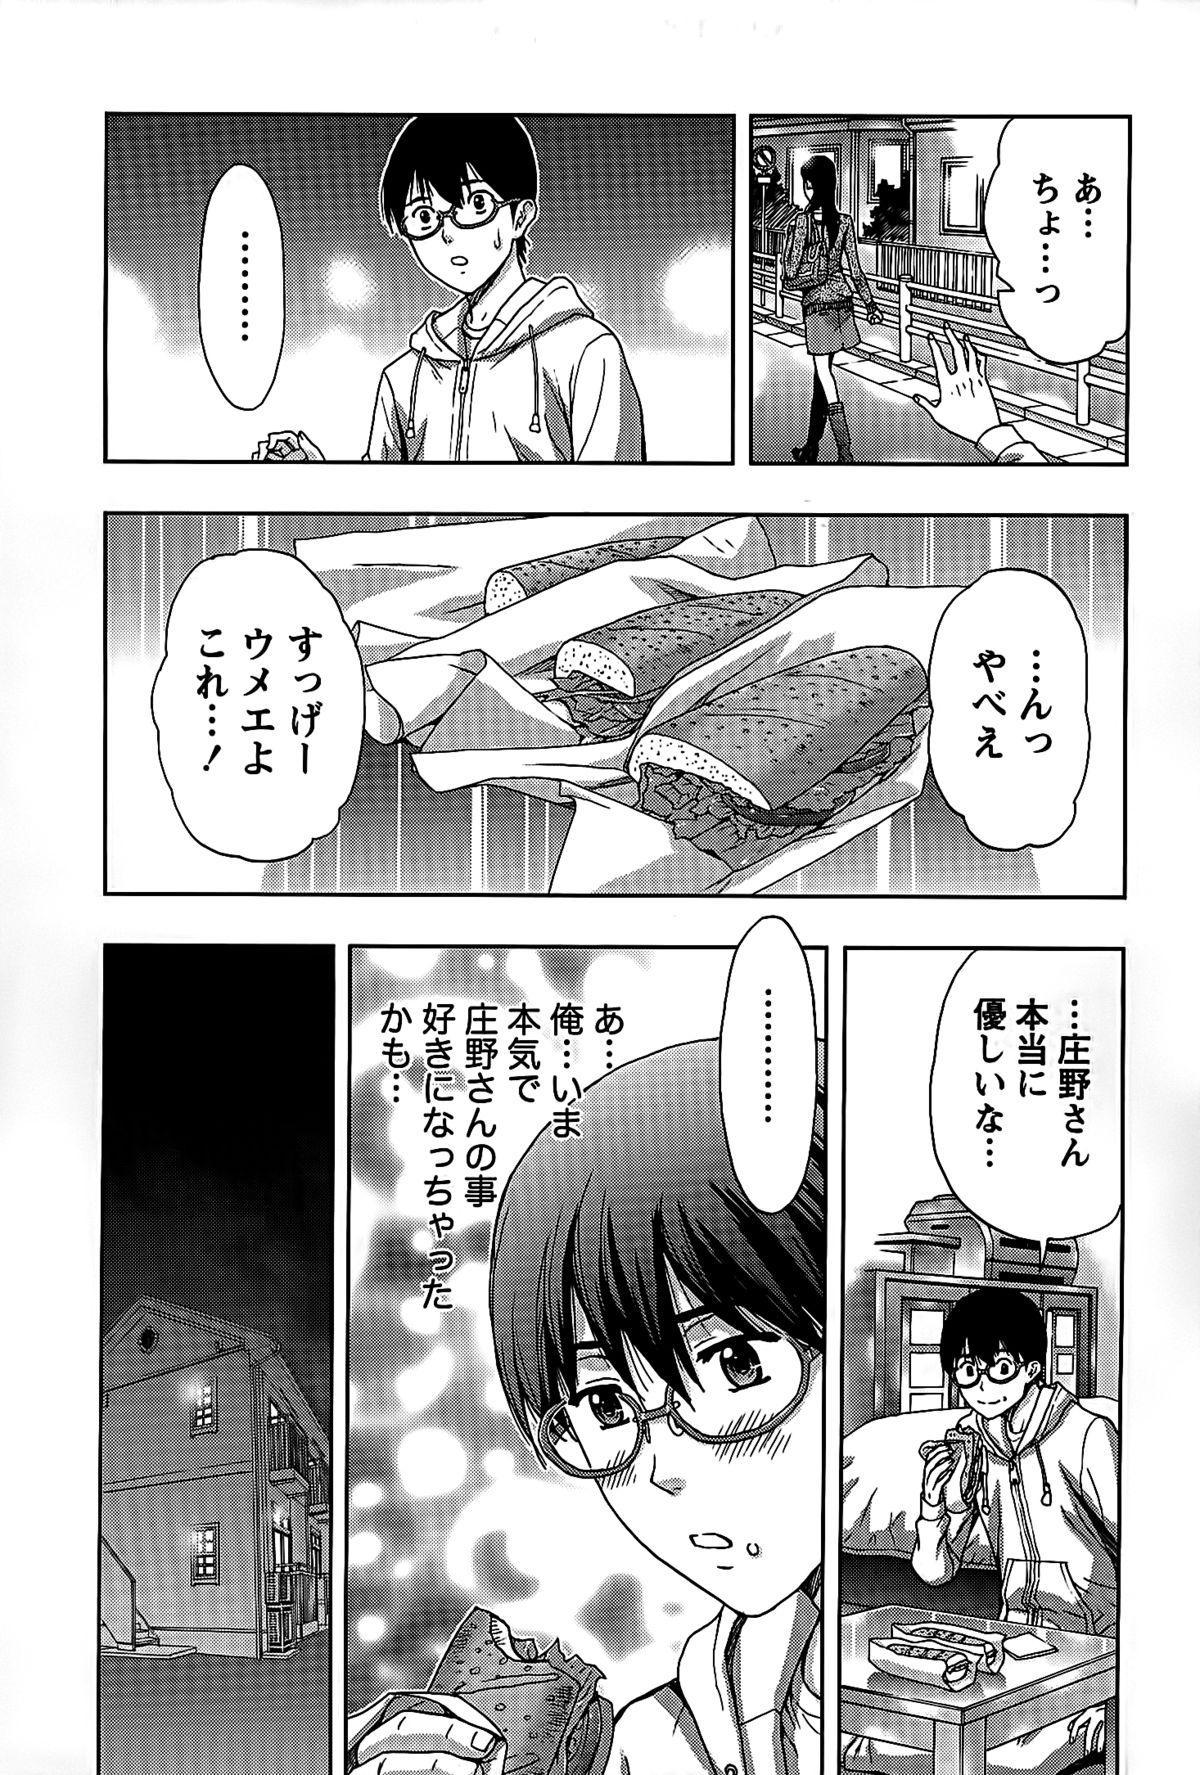 Shittori Lady to Amai Mitsu 54